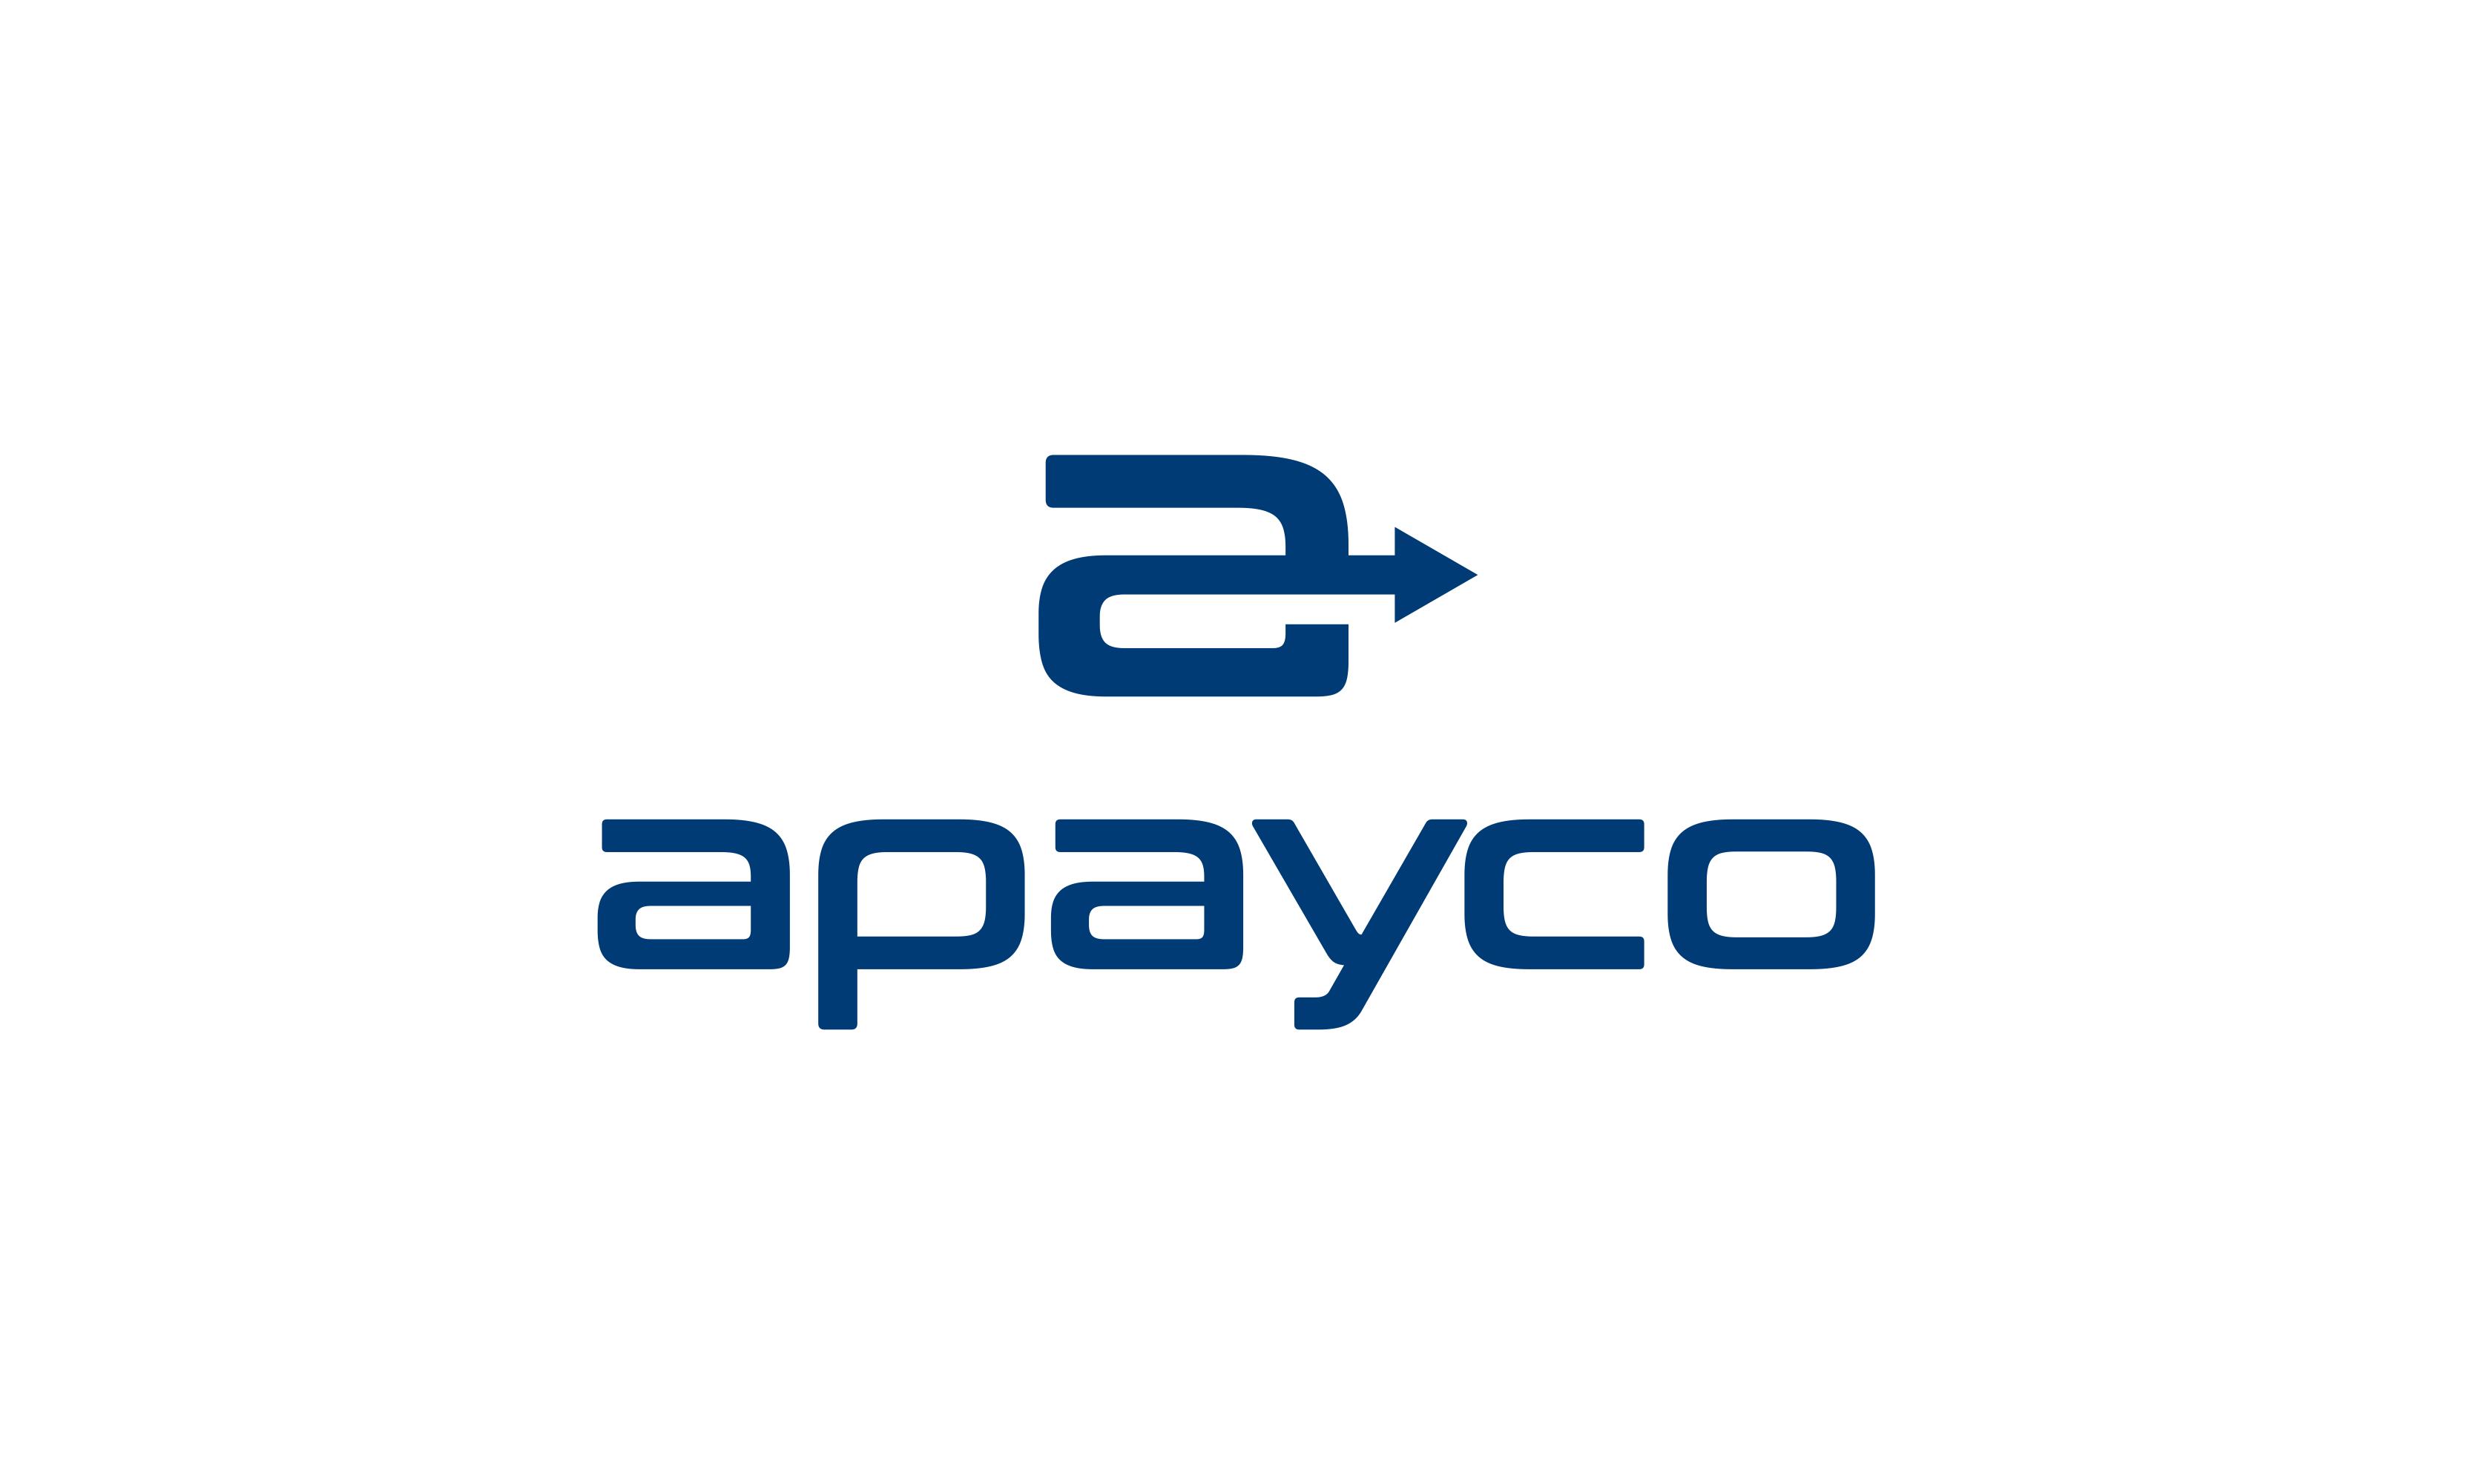 Apayco